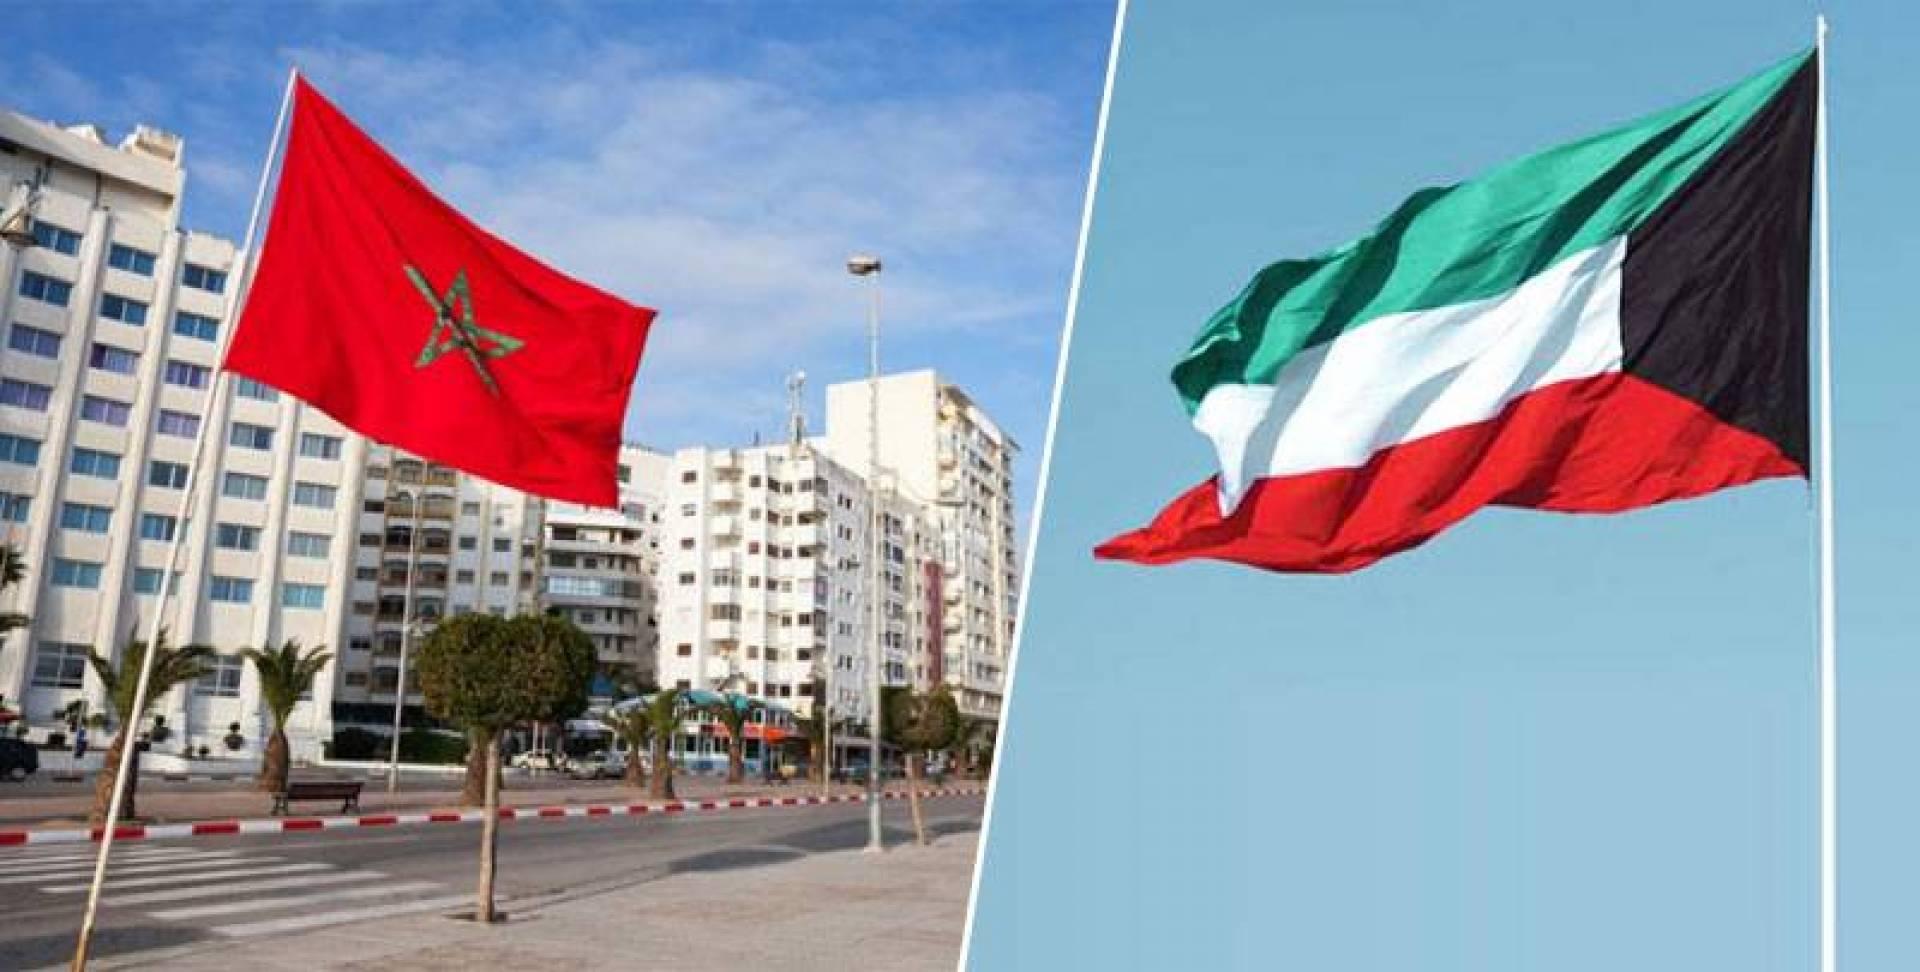 كويتي متهم بفعل غير أخلاقي في المغرب